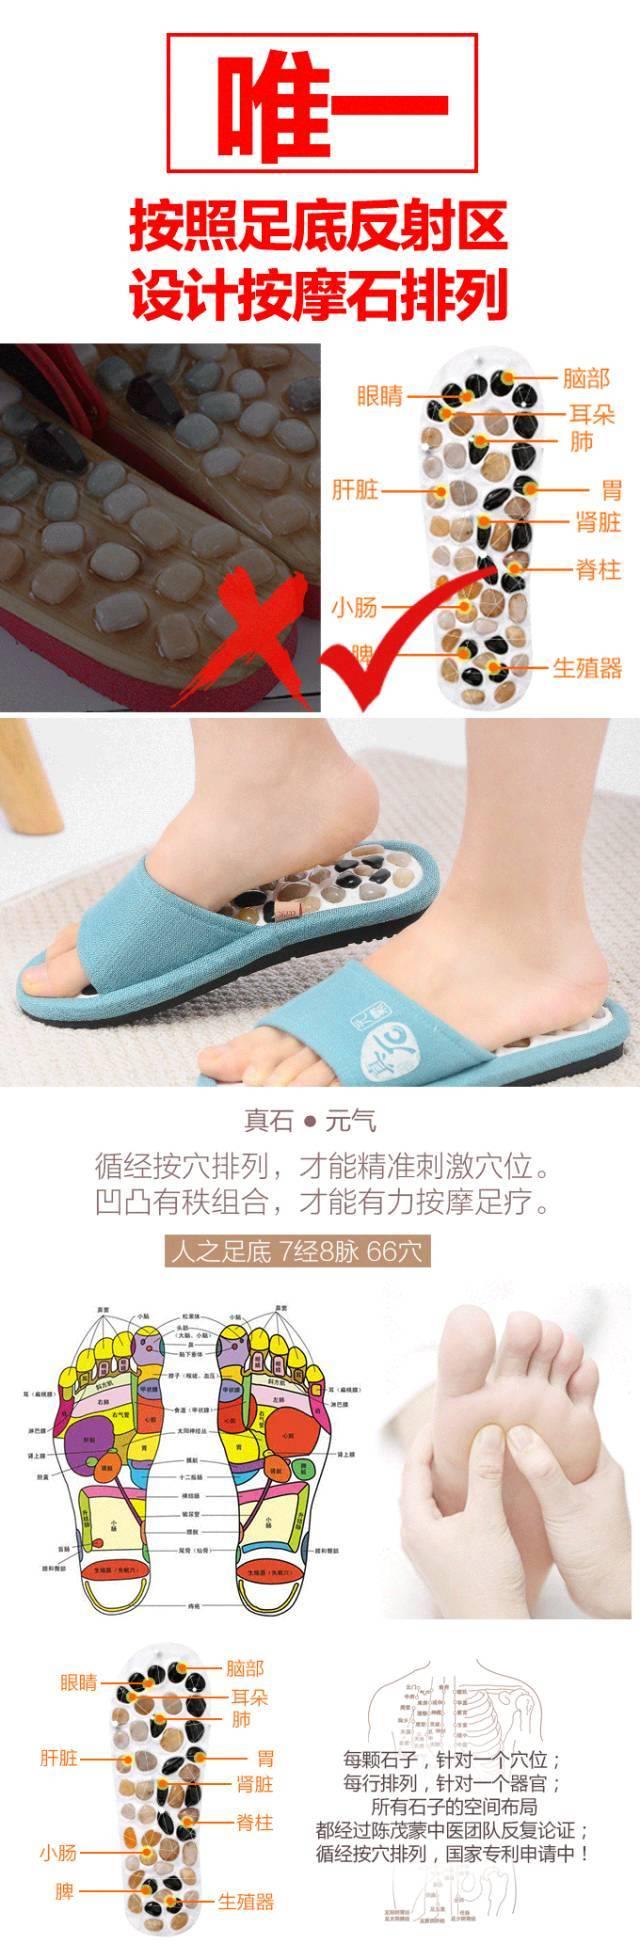 神奇!这双鞋!走一走!精气足!睡眠香!全面改善亚健康!理气血!通经络!养